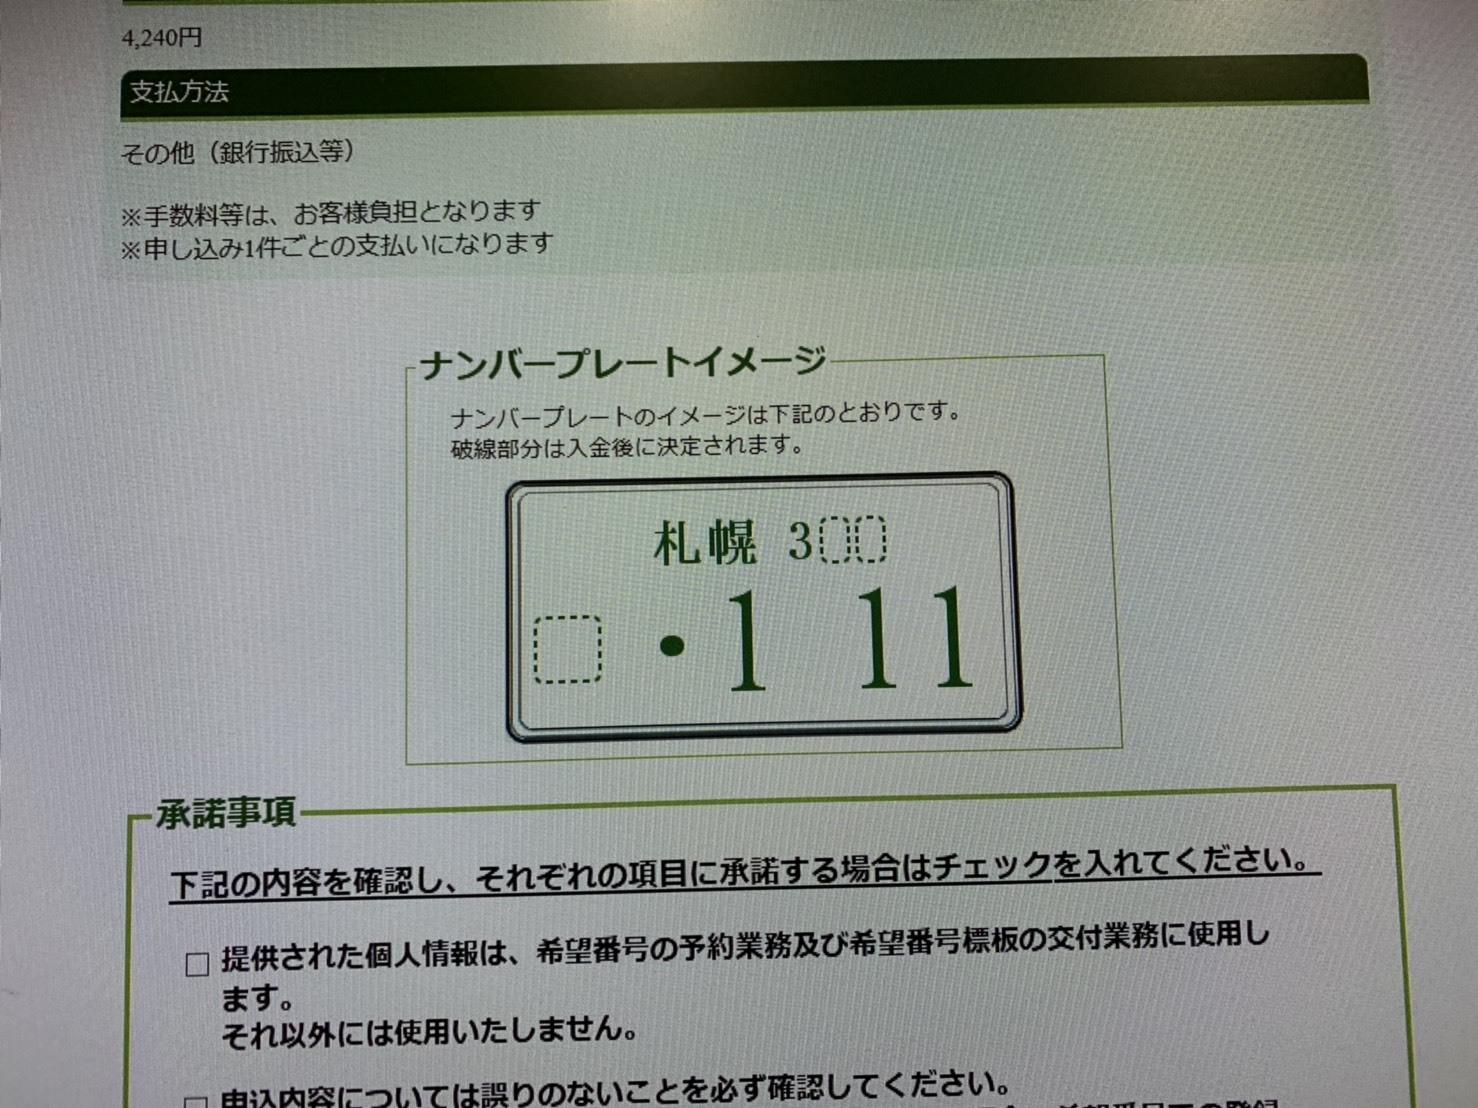 12月6日(金)トミーベースブログ☆カスタムカー☆レクサス♬スバル🎶フーガ♬クラウン🎶フォレスター☆レガシィ♬ローンサポート♬自社ローン_b0127002_16541079.jpg